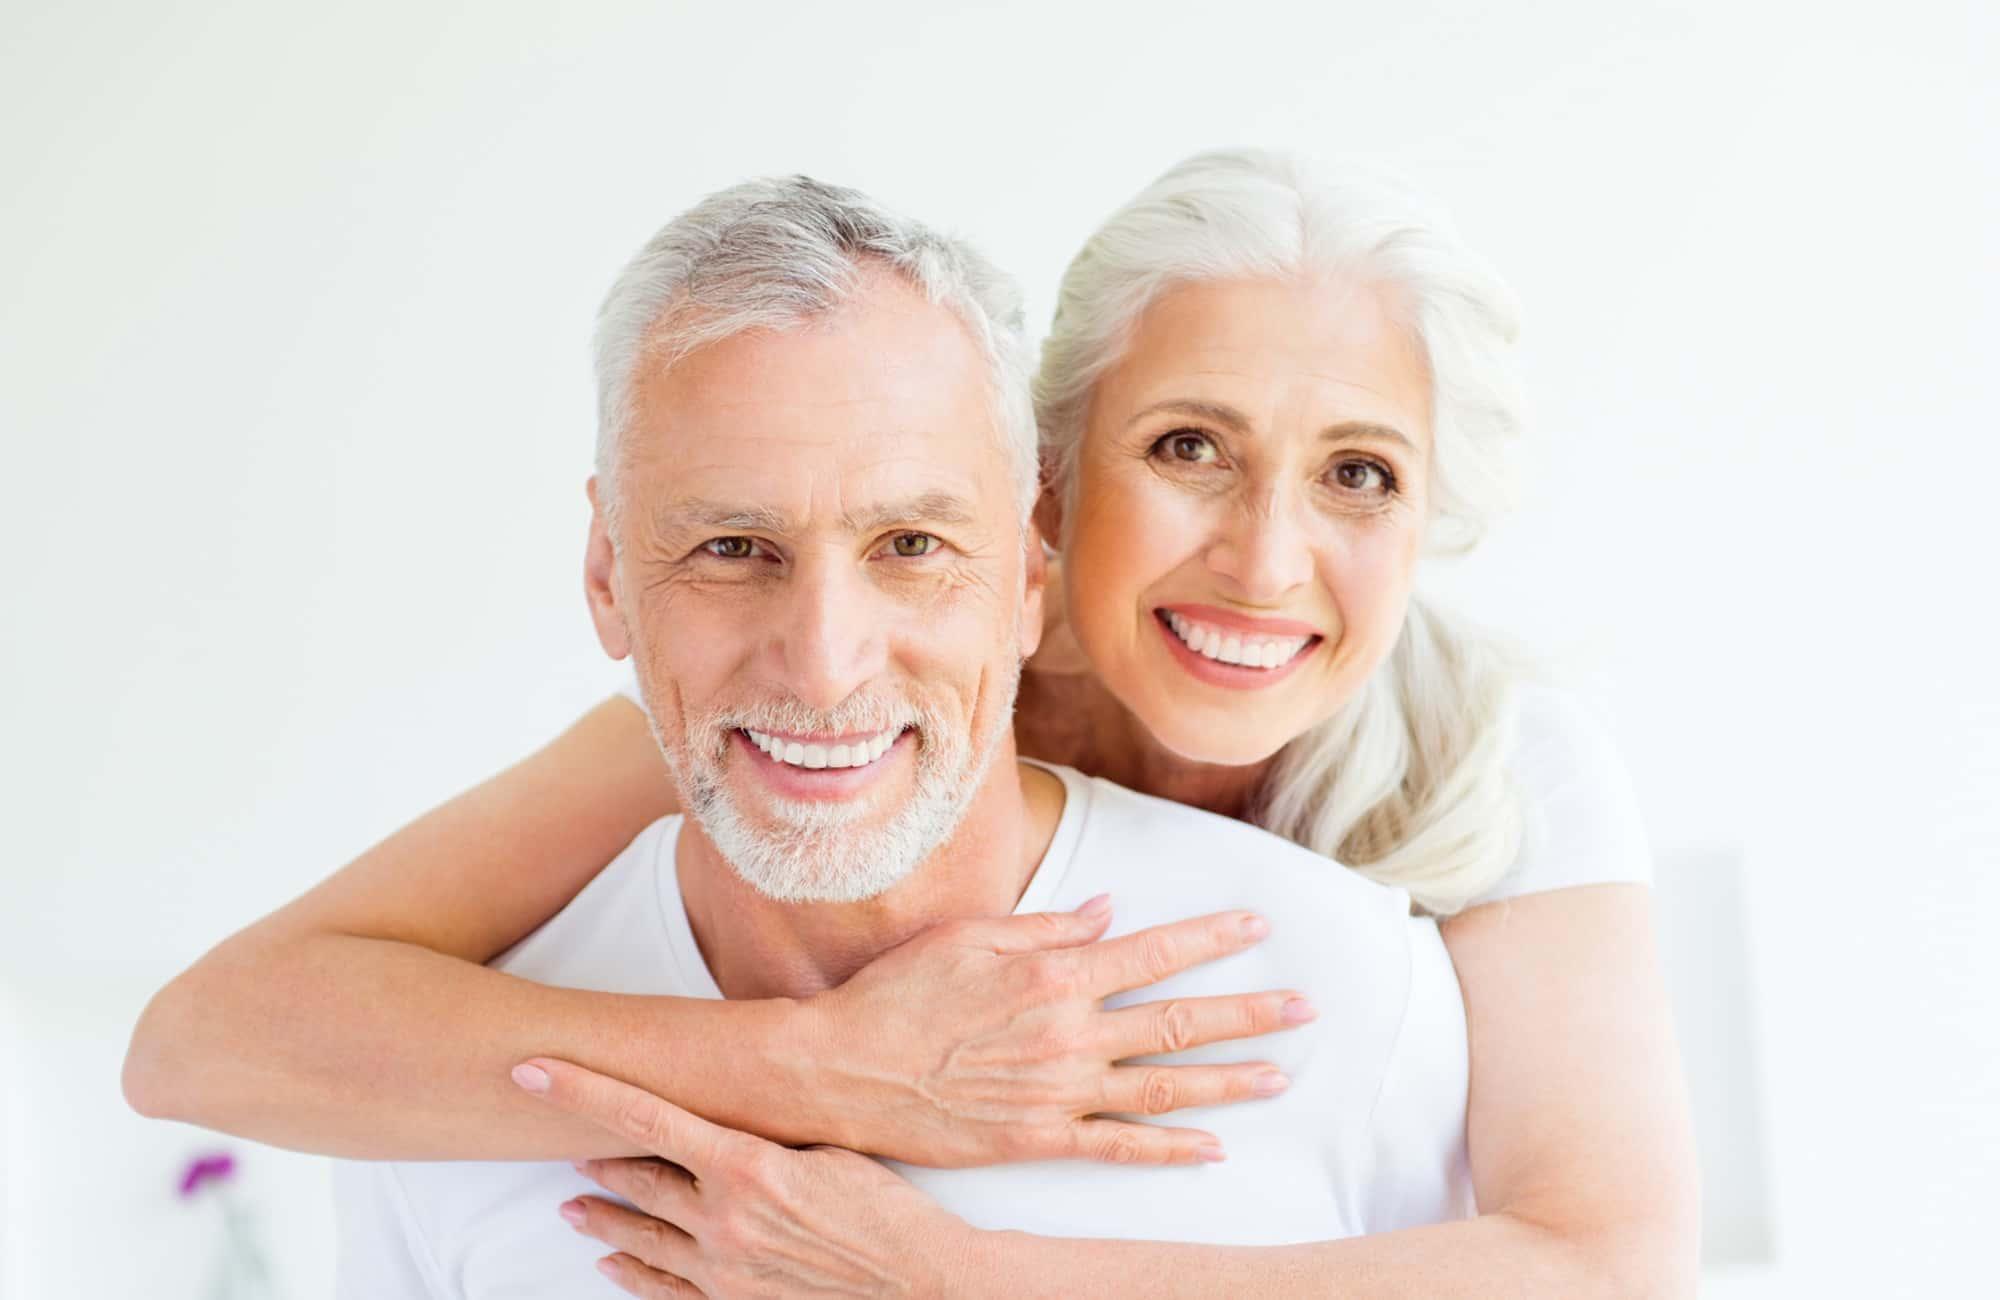 Autres traitementsBruxisme - Dysfonctions articulaires Ronflement - Apnées du sommeil Orthodontie pré-implantaire